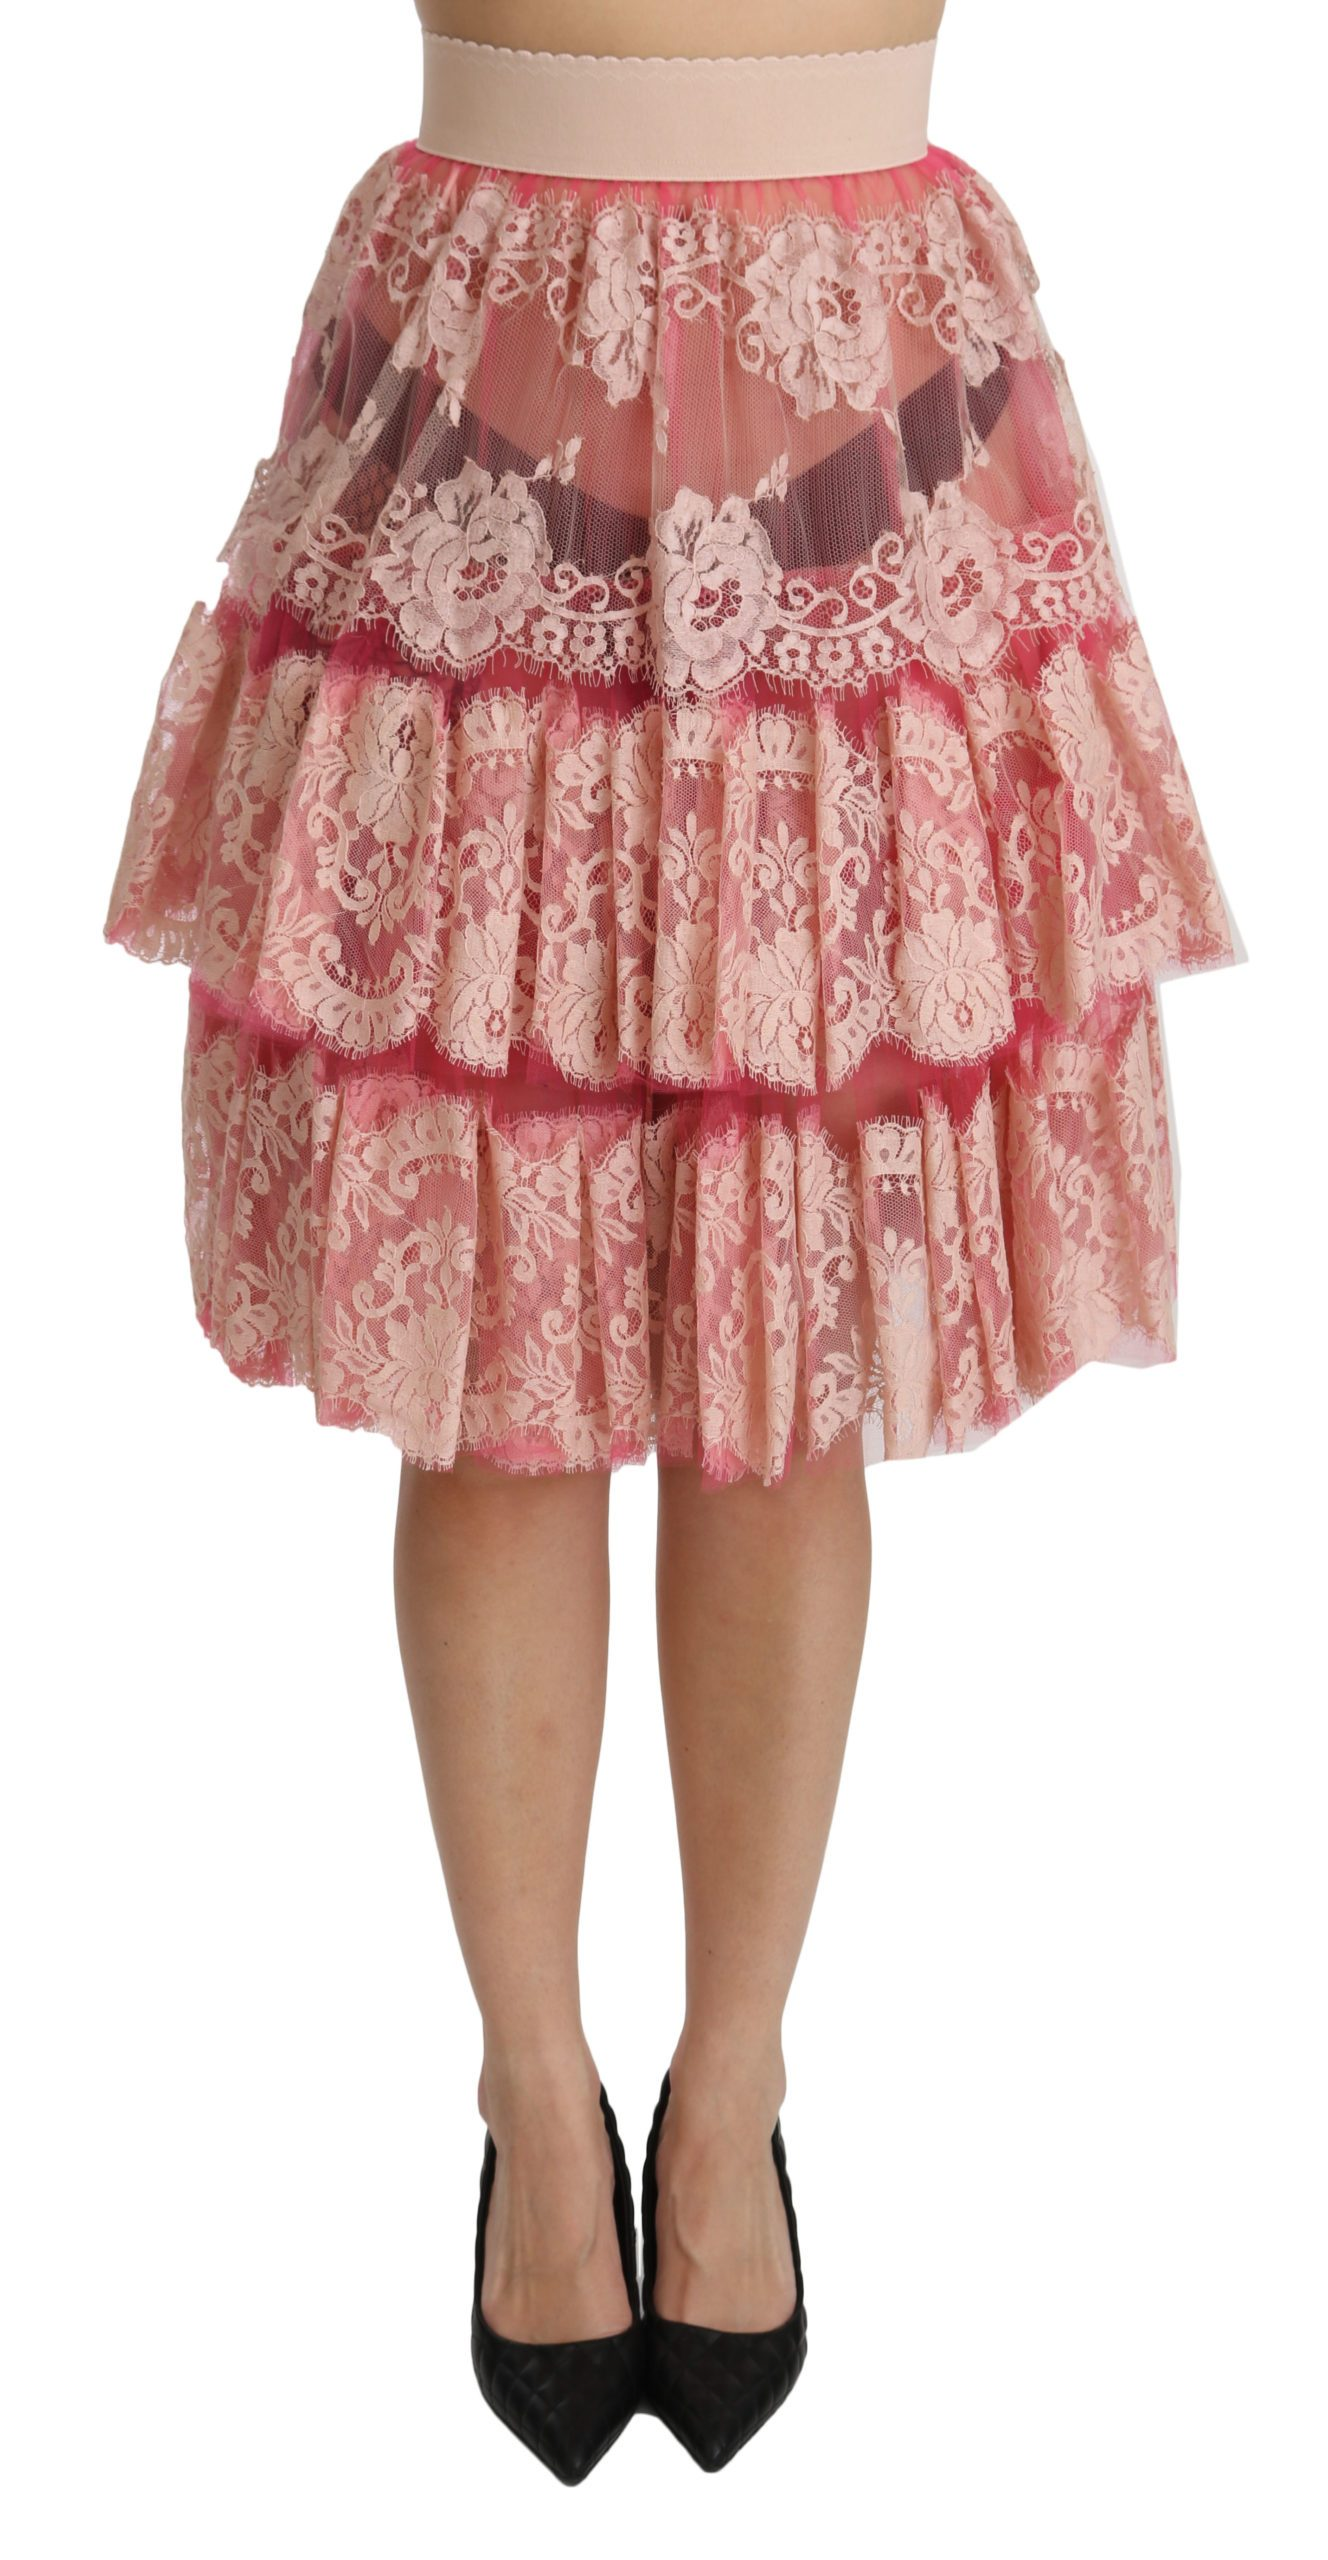 Dolce & Gabbana Women's Lace Layered High Waist Skirt Pink SKI1346 - IT40 S